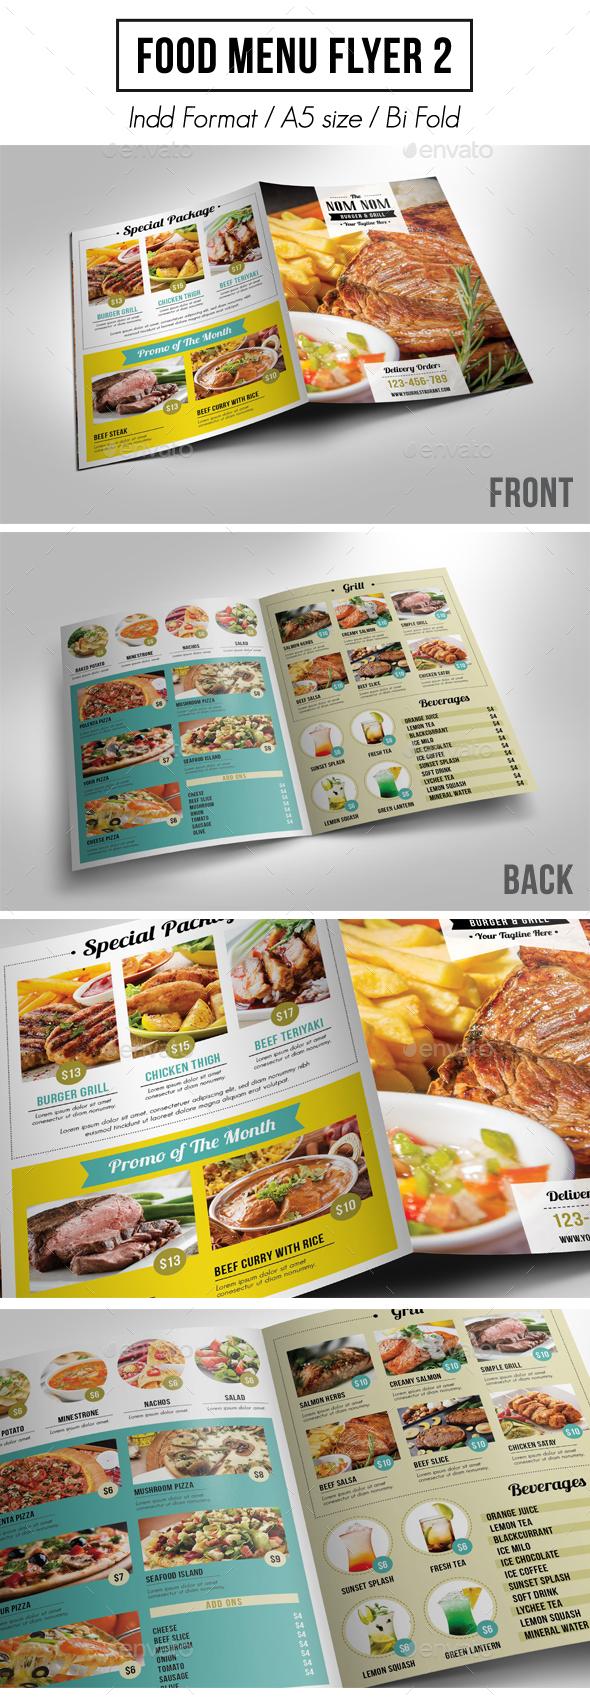 Food Menu Flyer 2